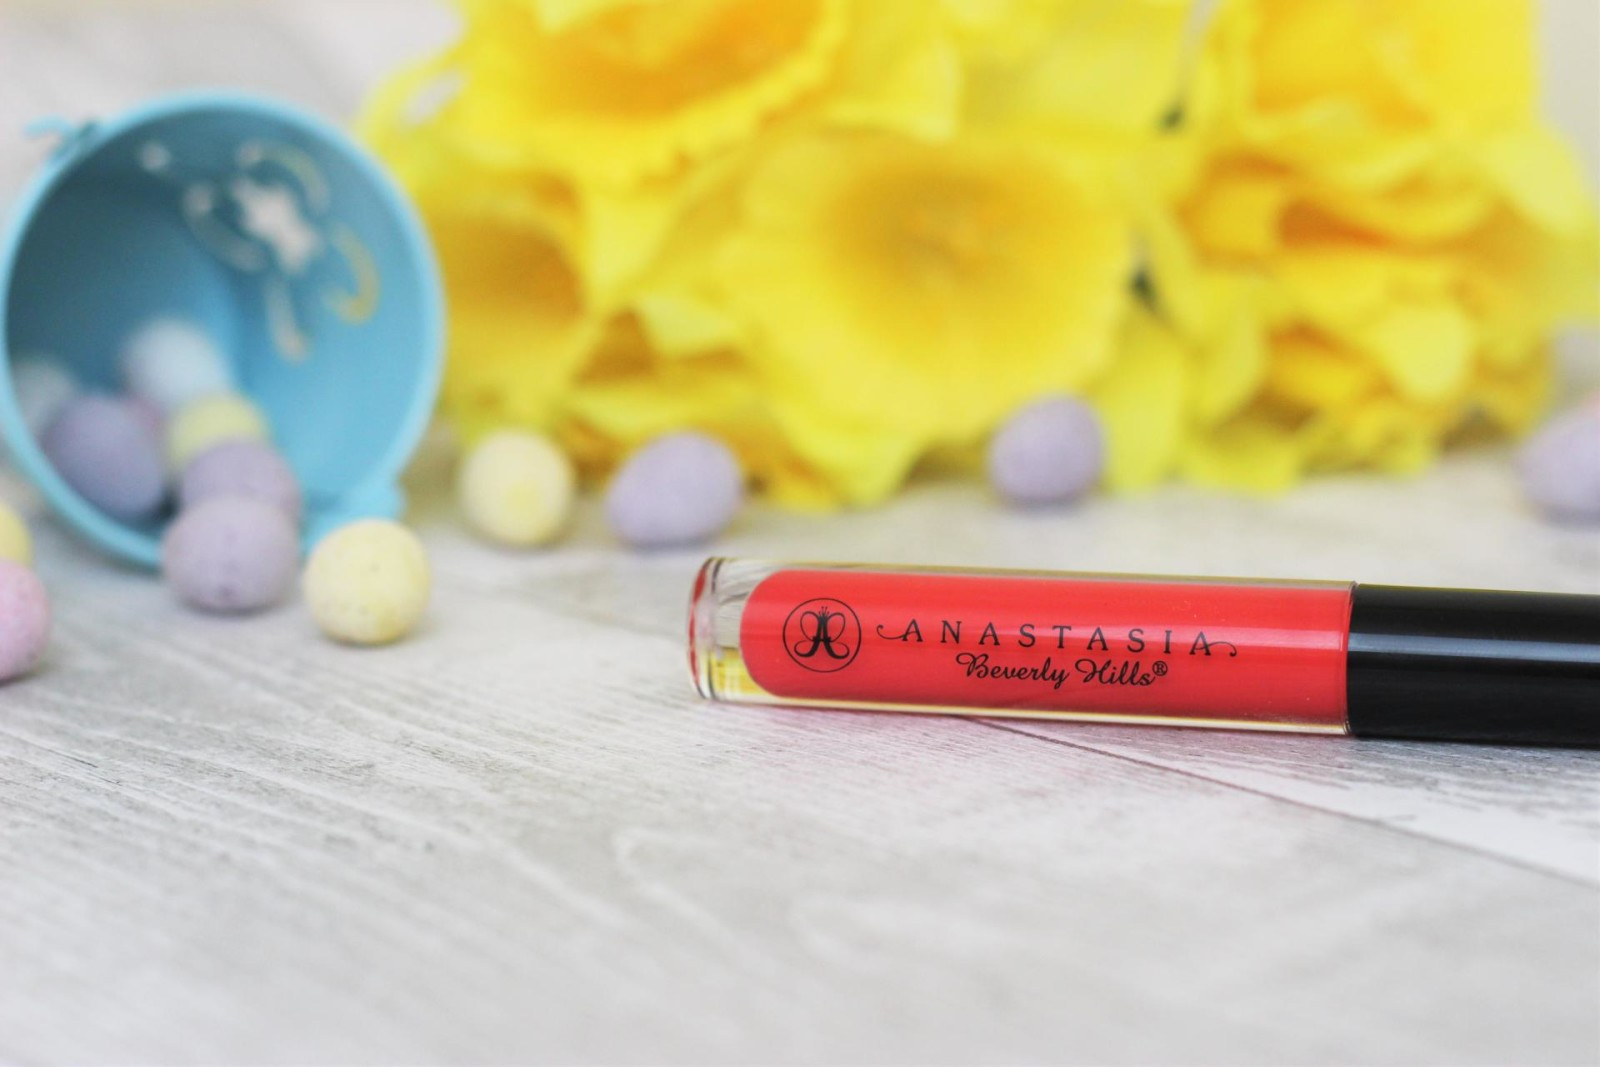 Anastasia Beverly Hills Lip Gloss in Hibiscus